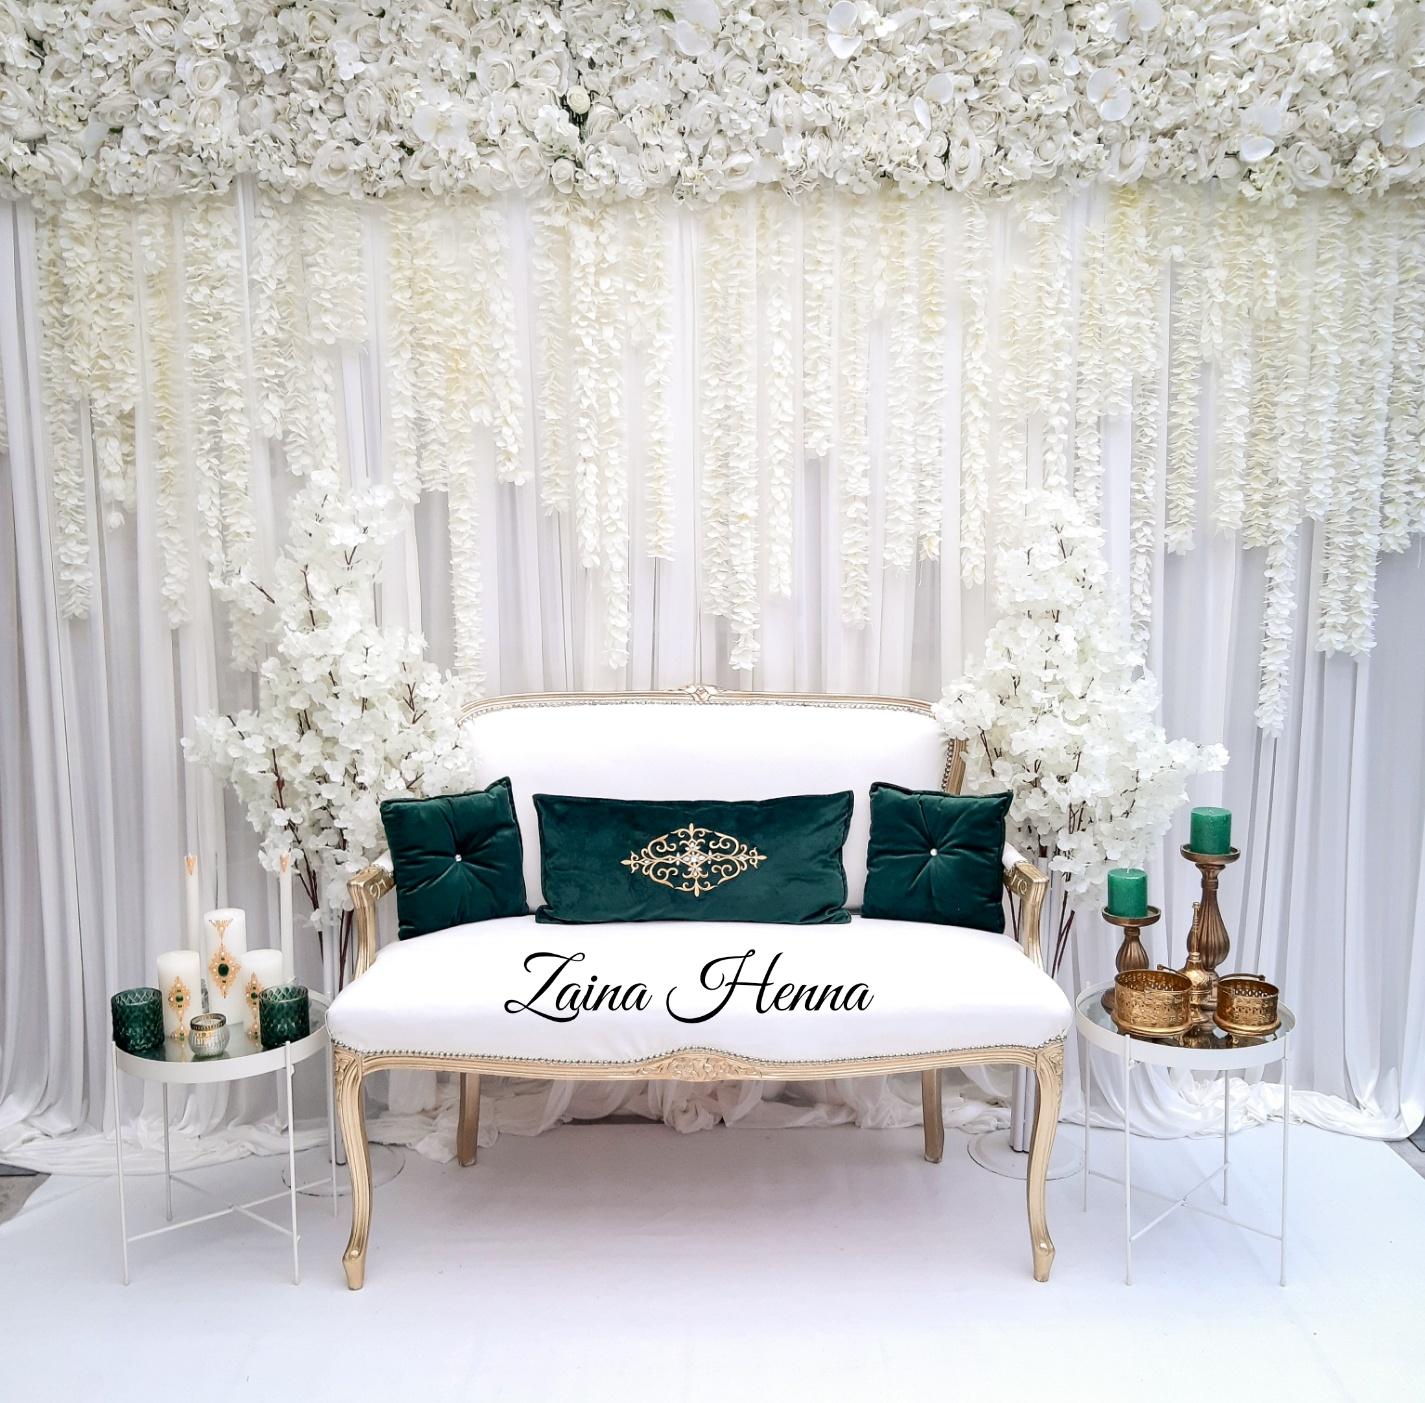 Queen Anne bank met vallende bloemen  (bijzet tafels en accessoires groen /goud) €180,-